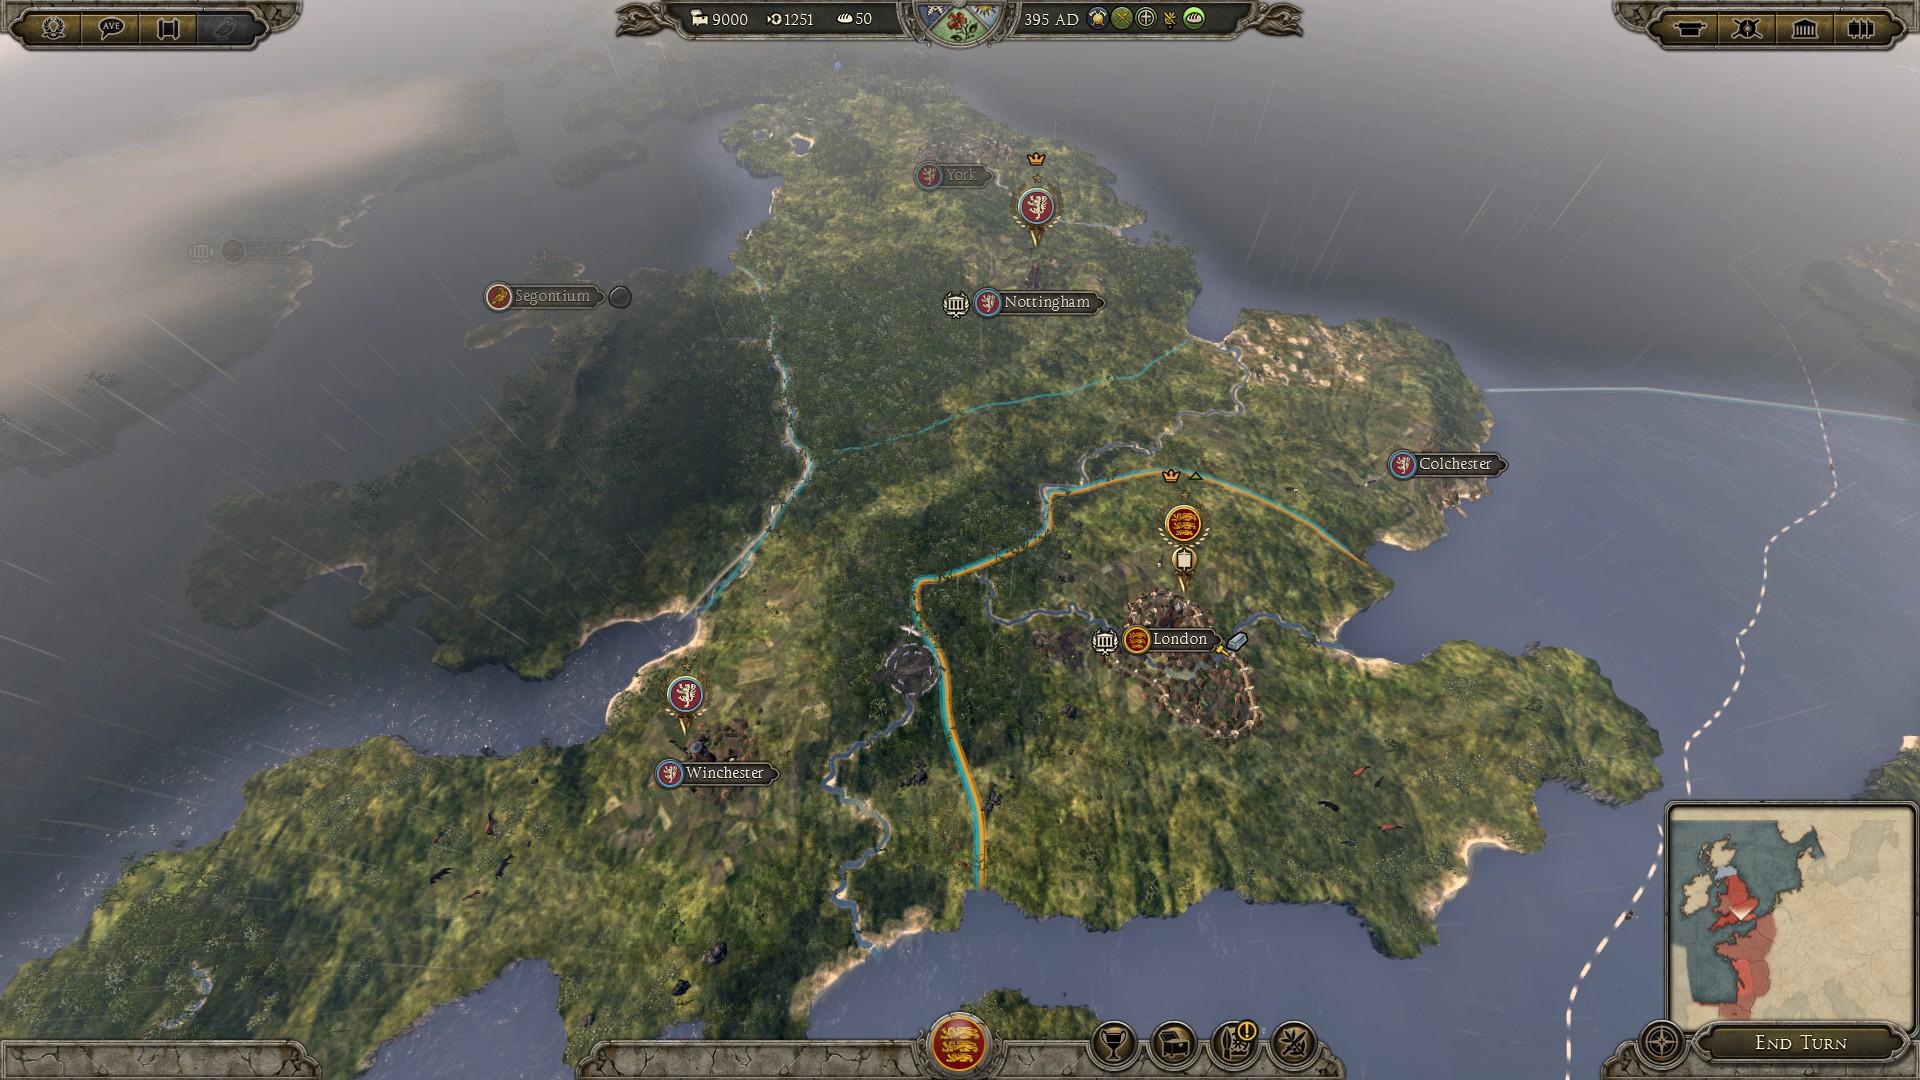 Medieval Kingdoms Total War: Kingdom of England